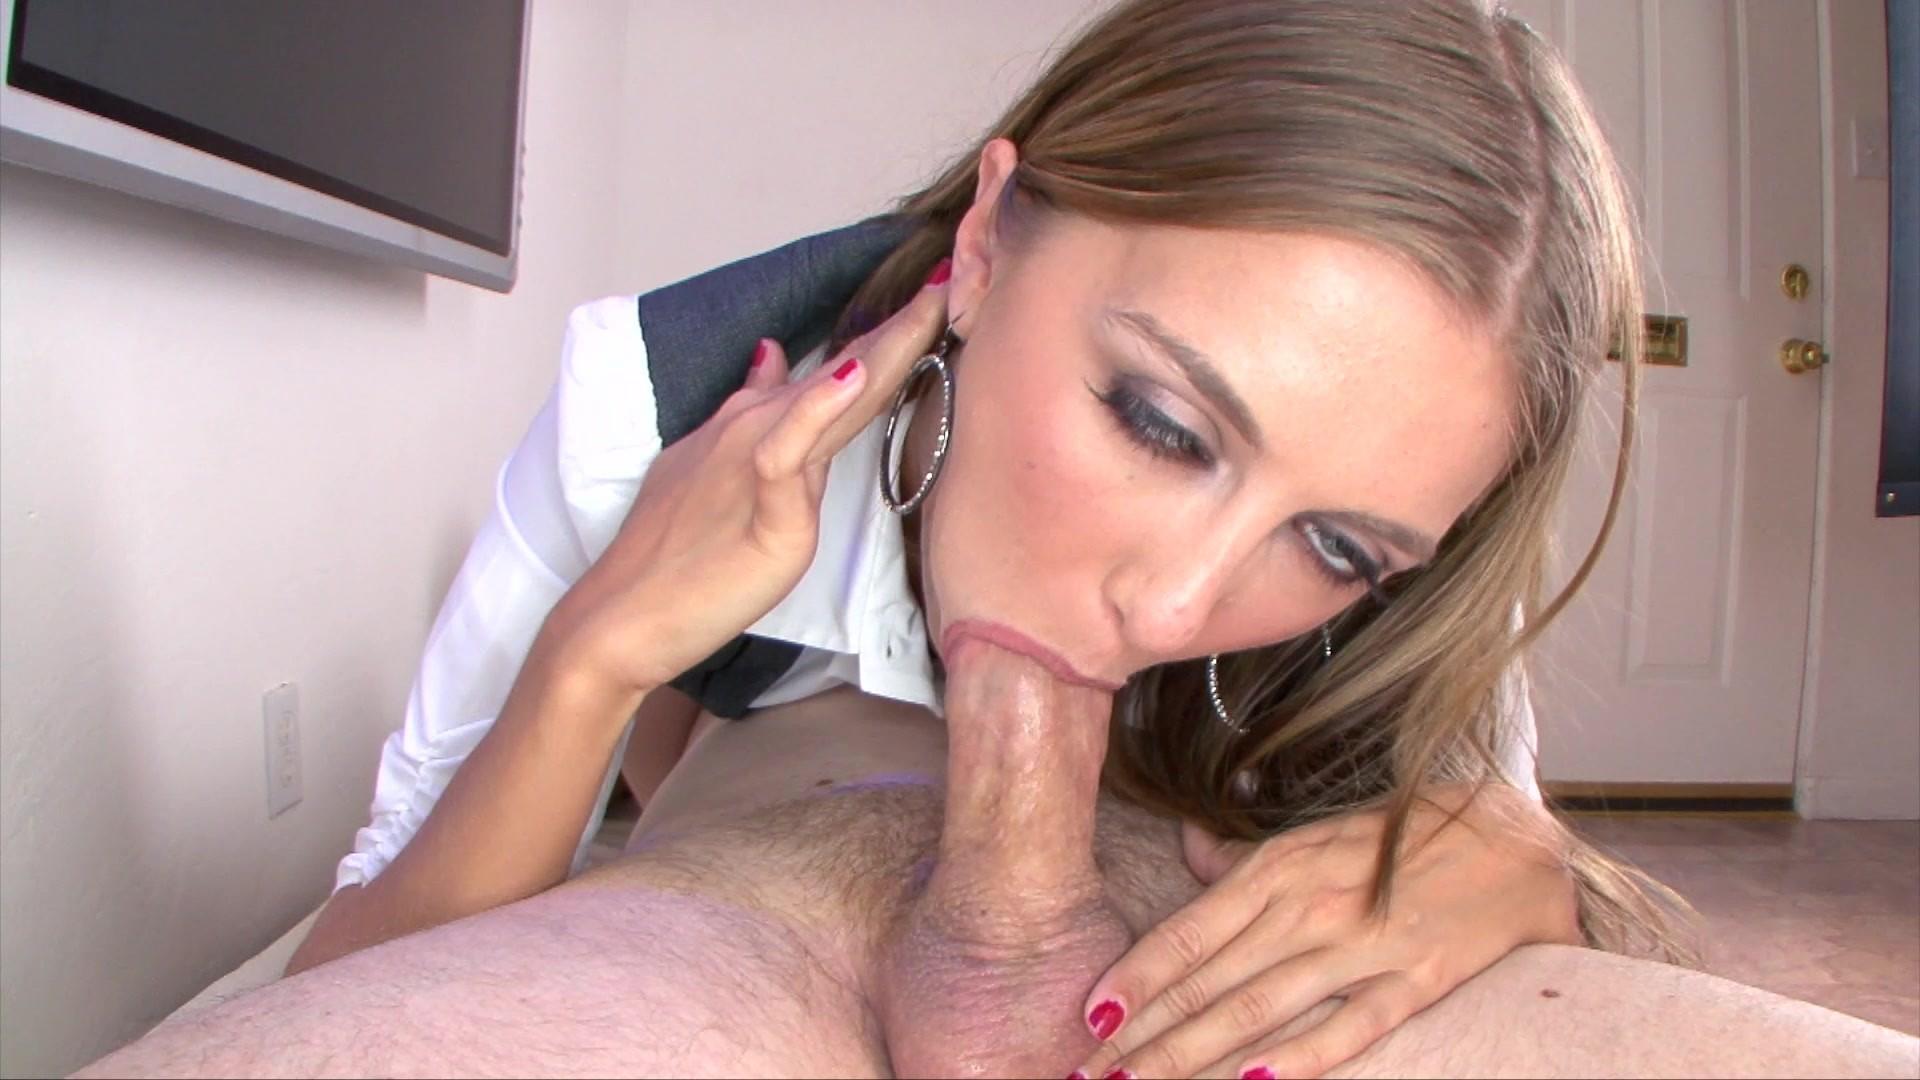 Dirty Talk Pov Porn